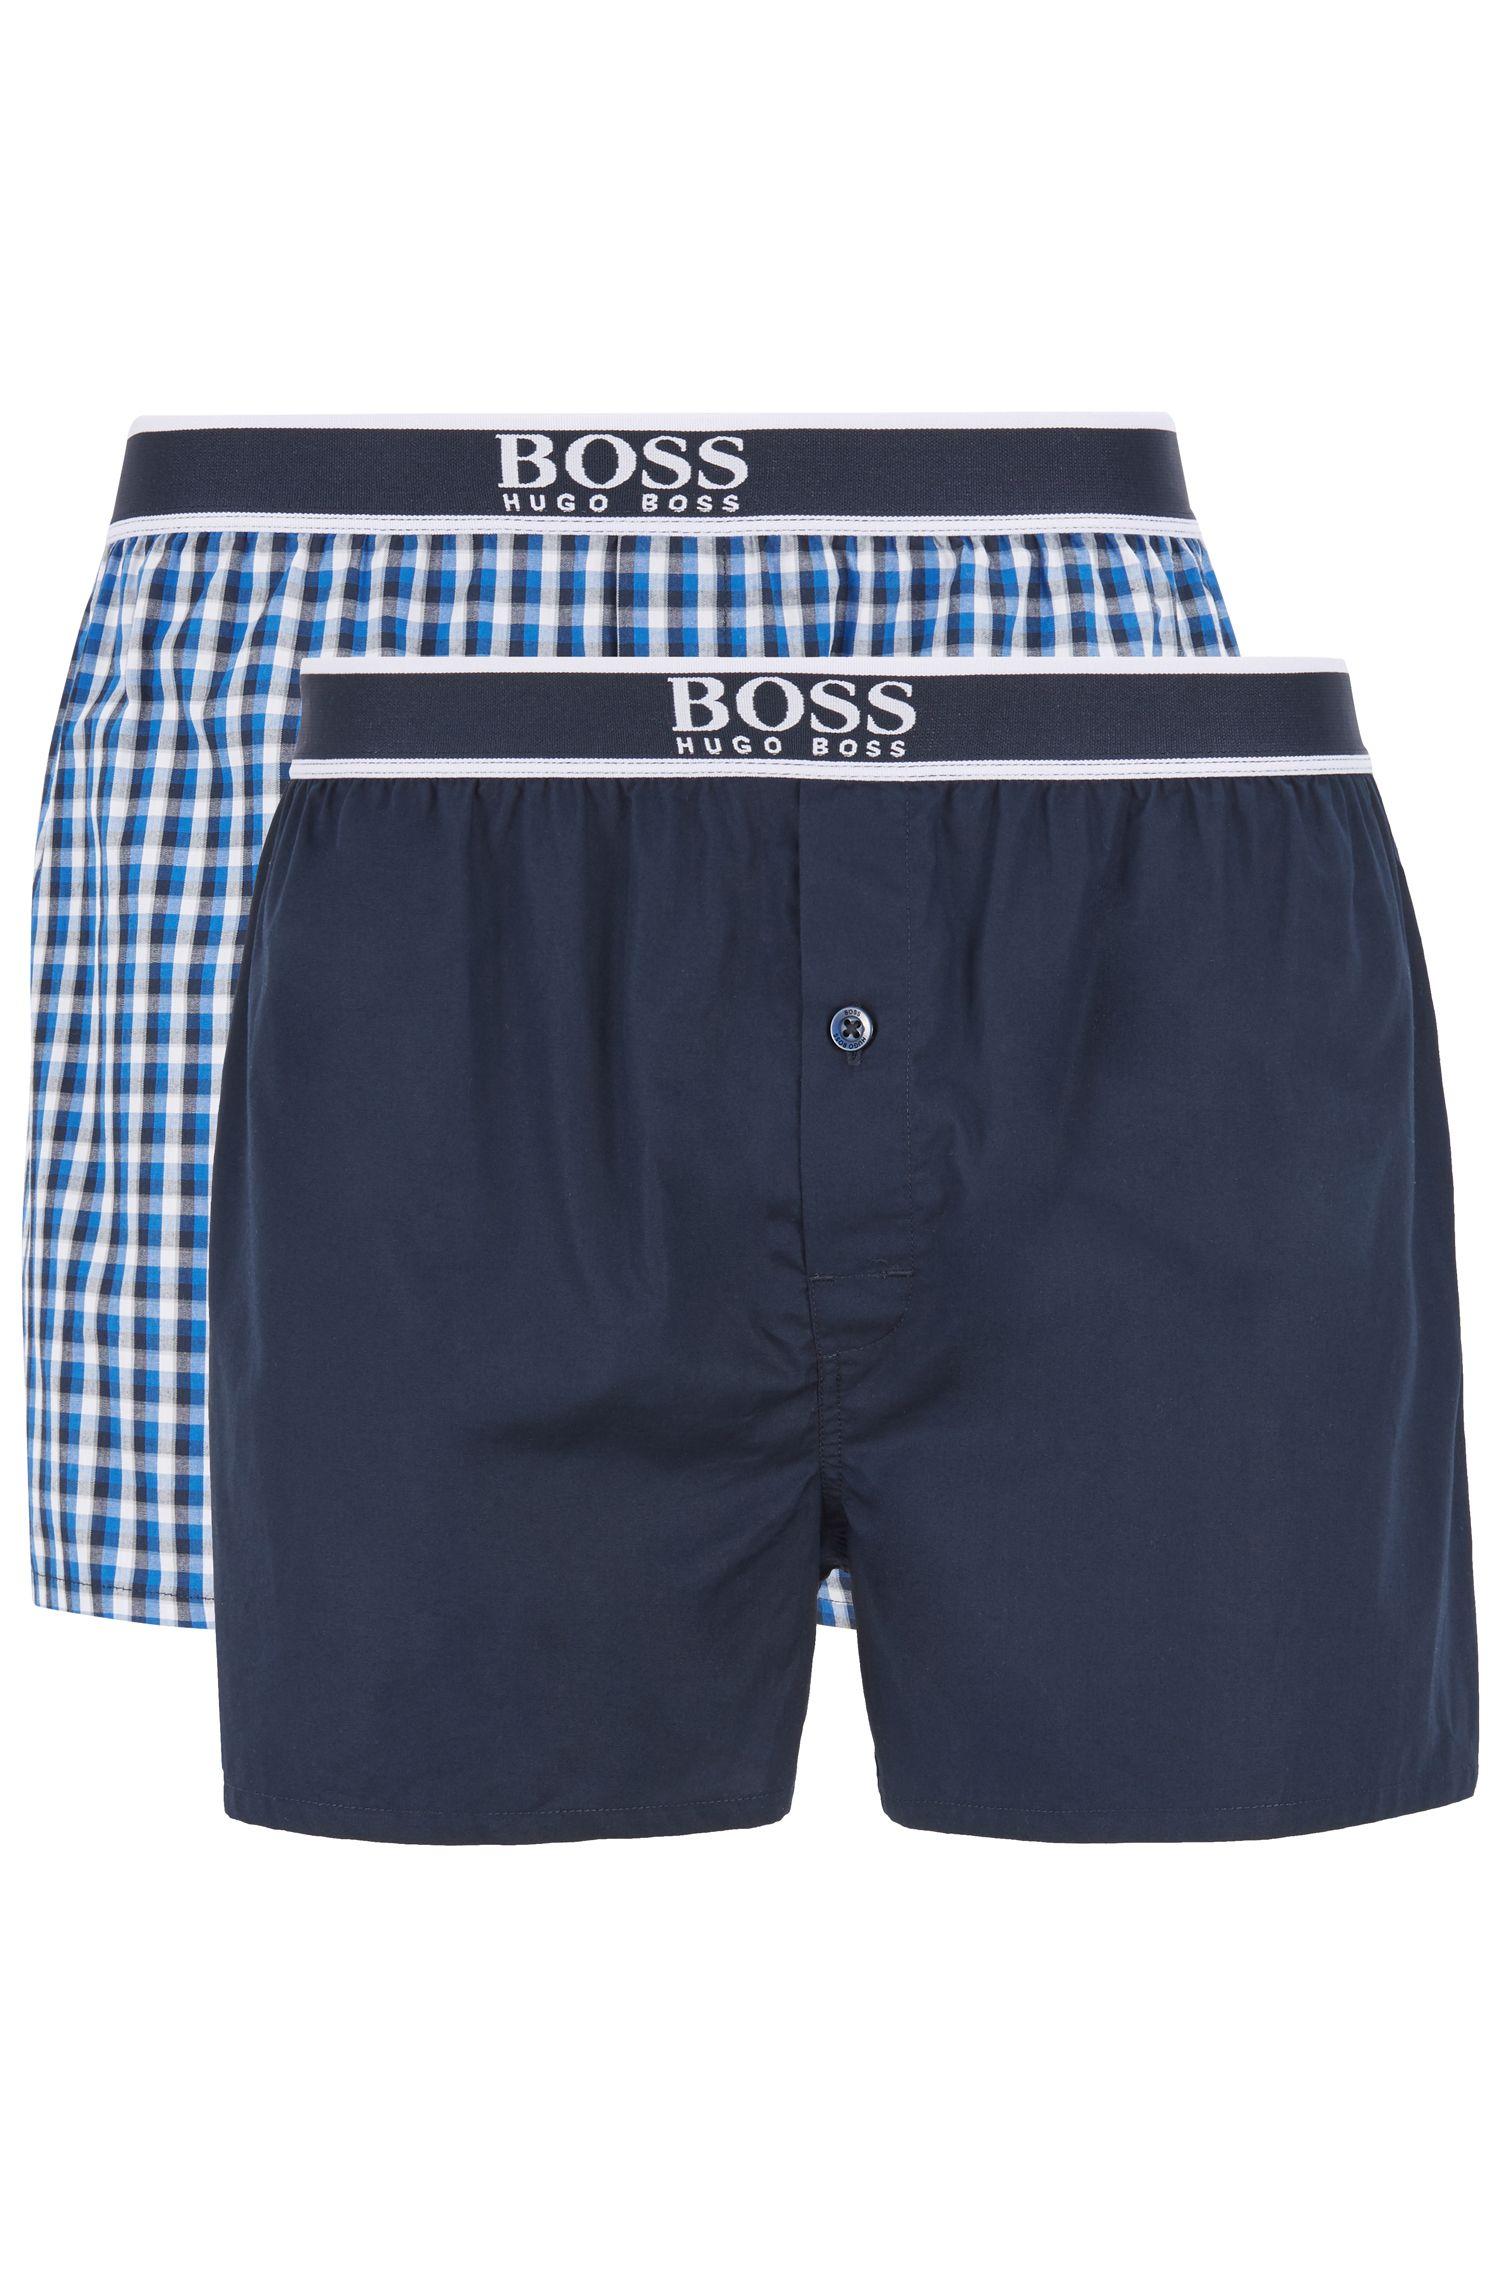 Pantaloncini per pigiama in popeline di cotone in confezione da due, Turchese